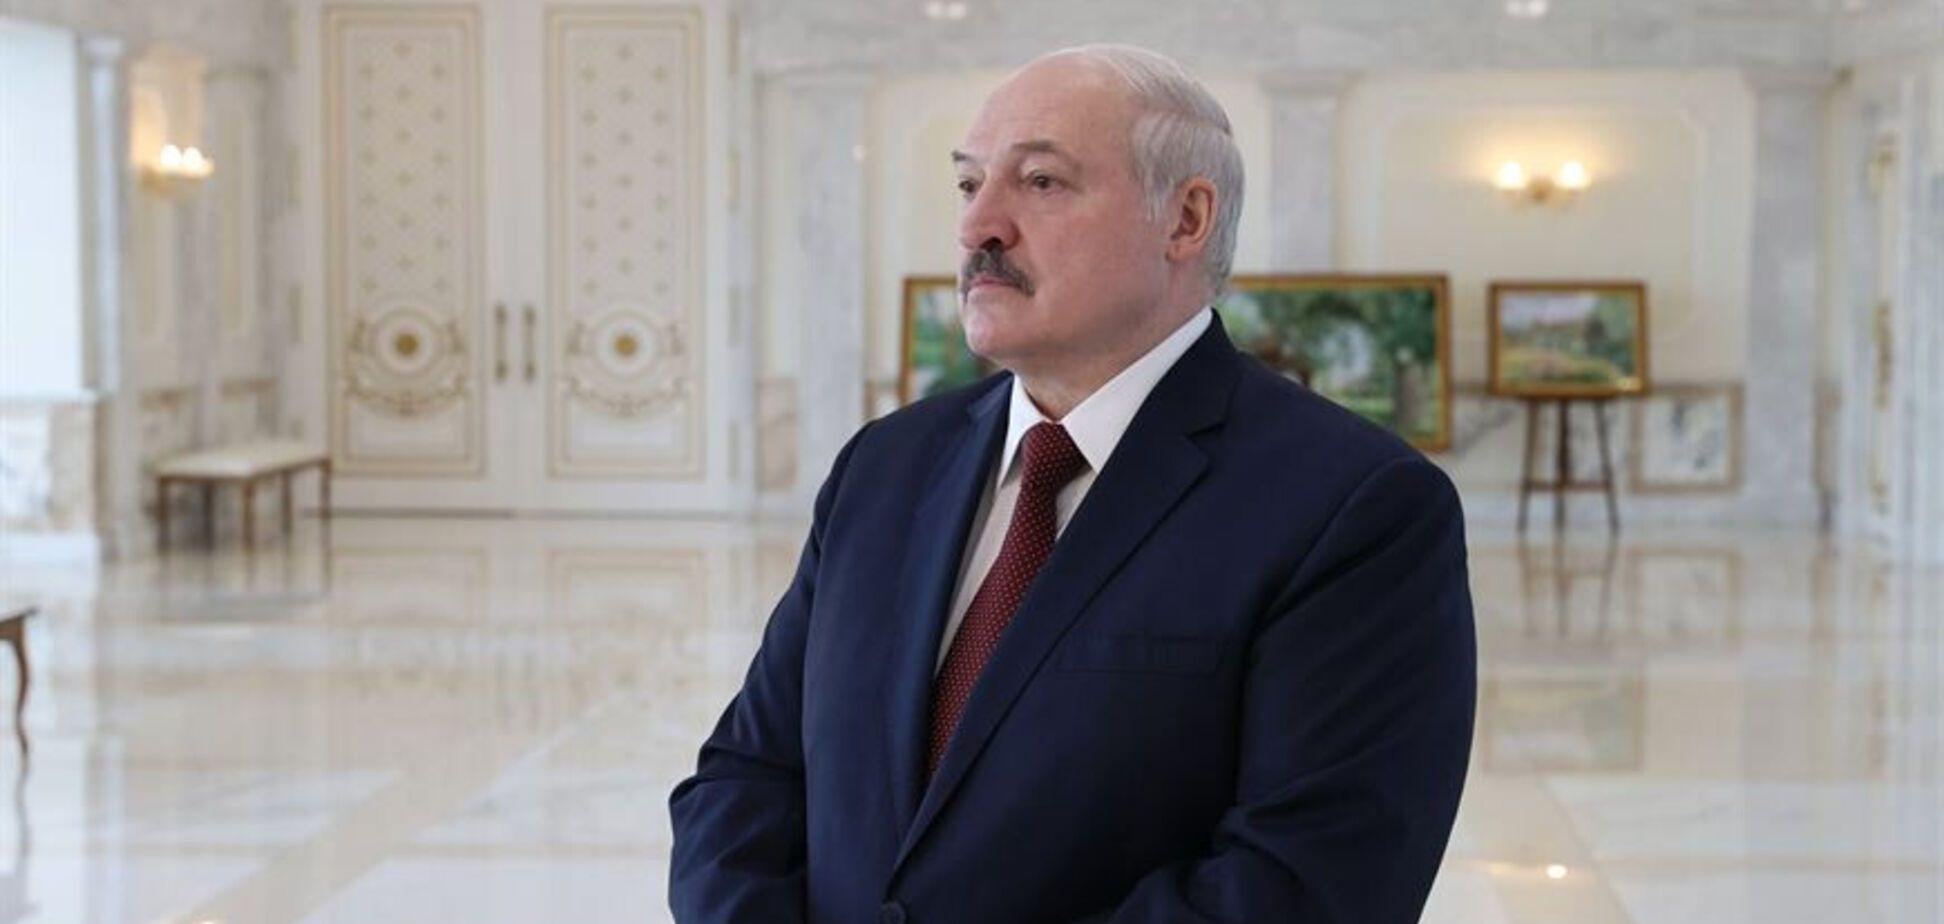 Лукашенко подписал «декрет» на случай его убийства